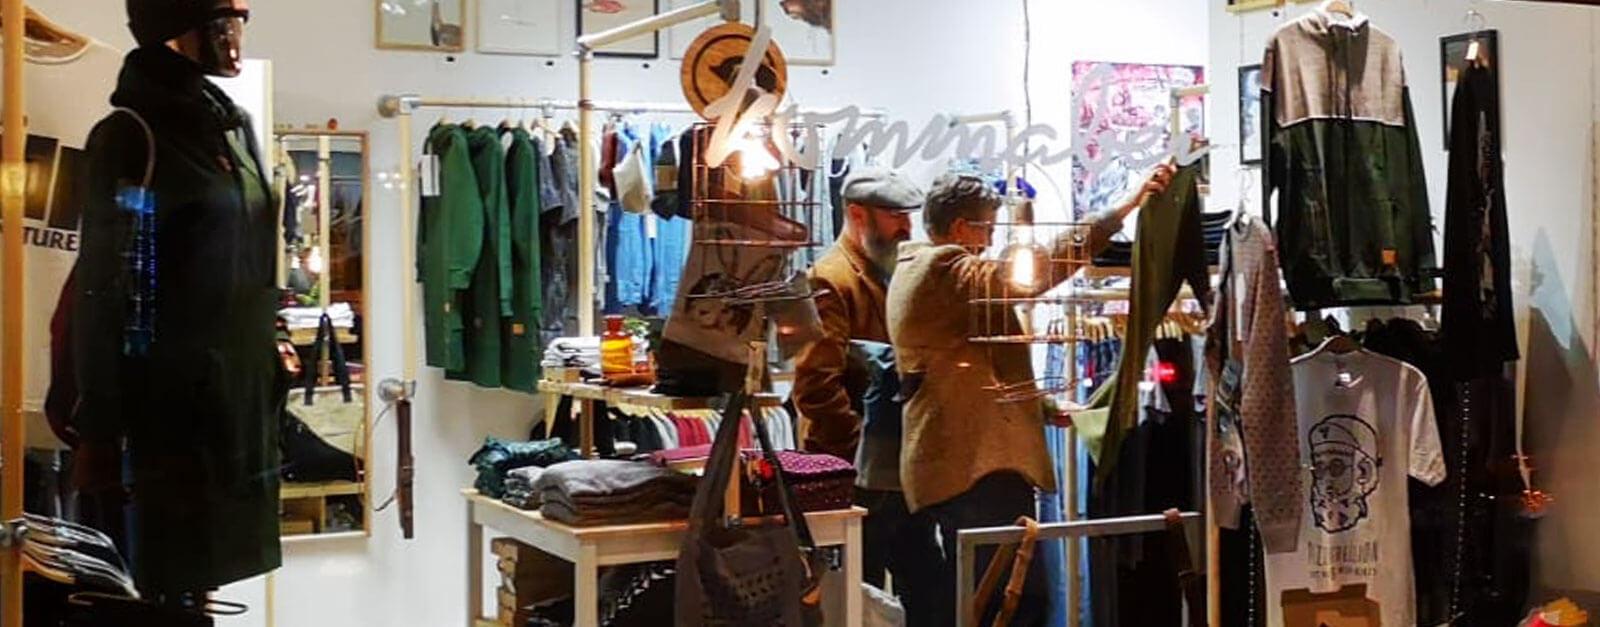 Ladenlokal von Kommabei in Essen